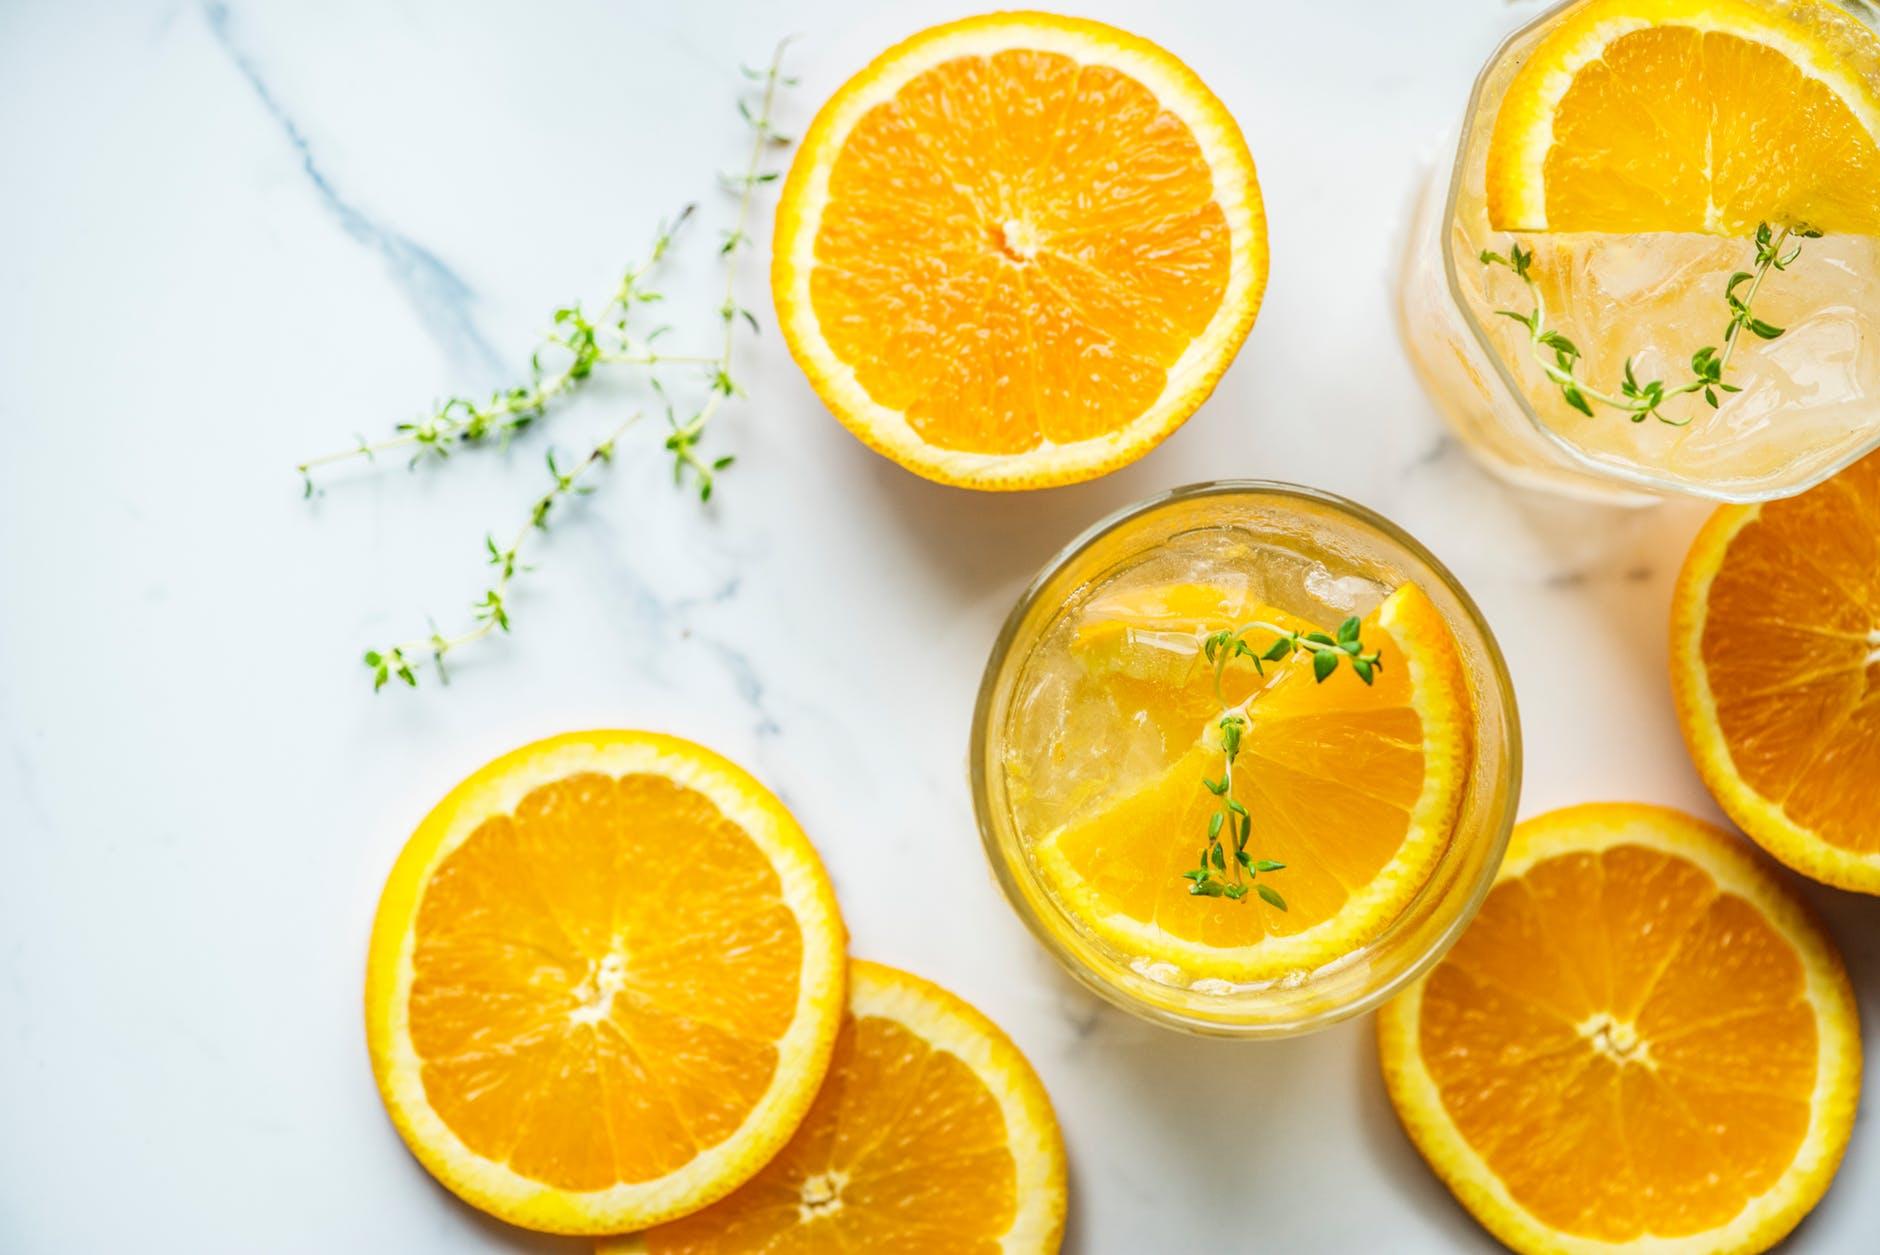 Incrementar-el-consumo-de-agua-te-ayudará-a-perder-peso-agua-con-limón